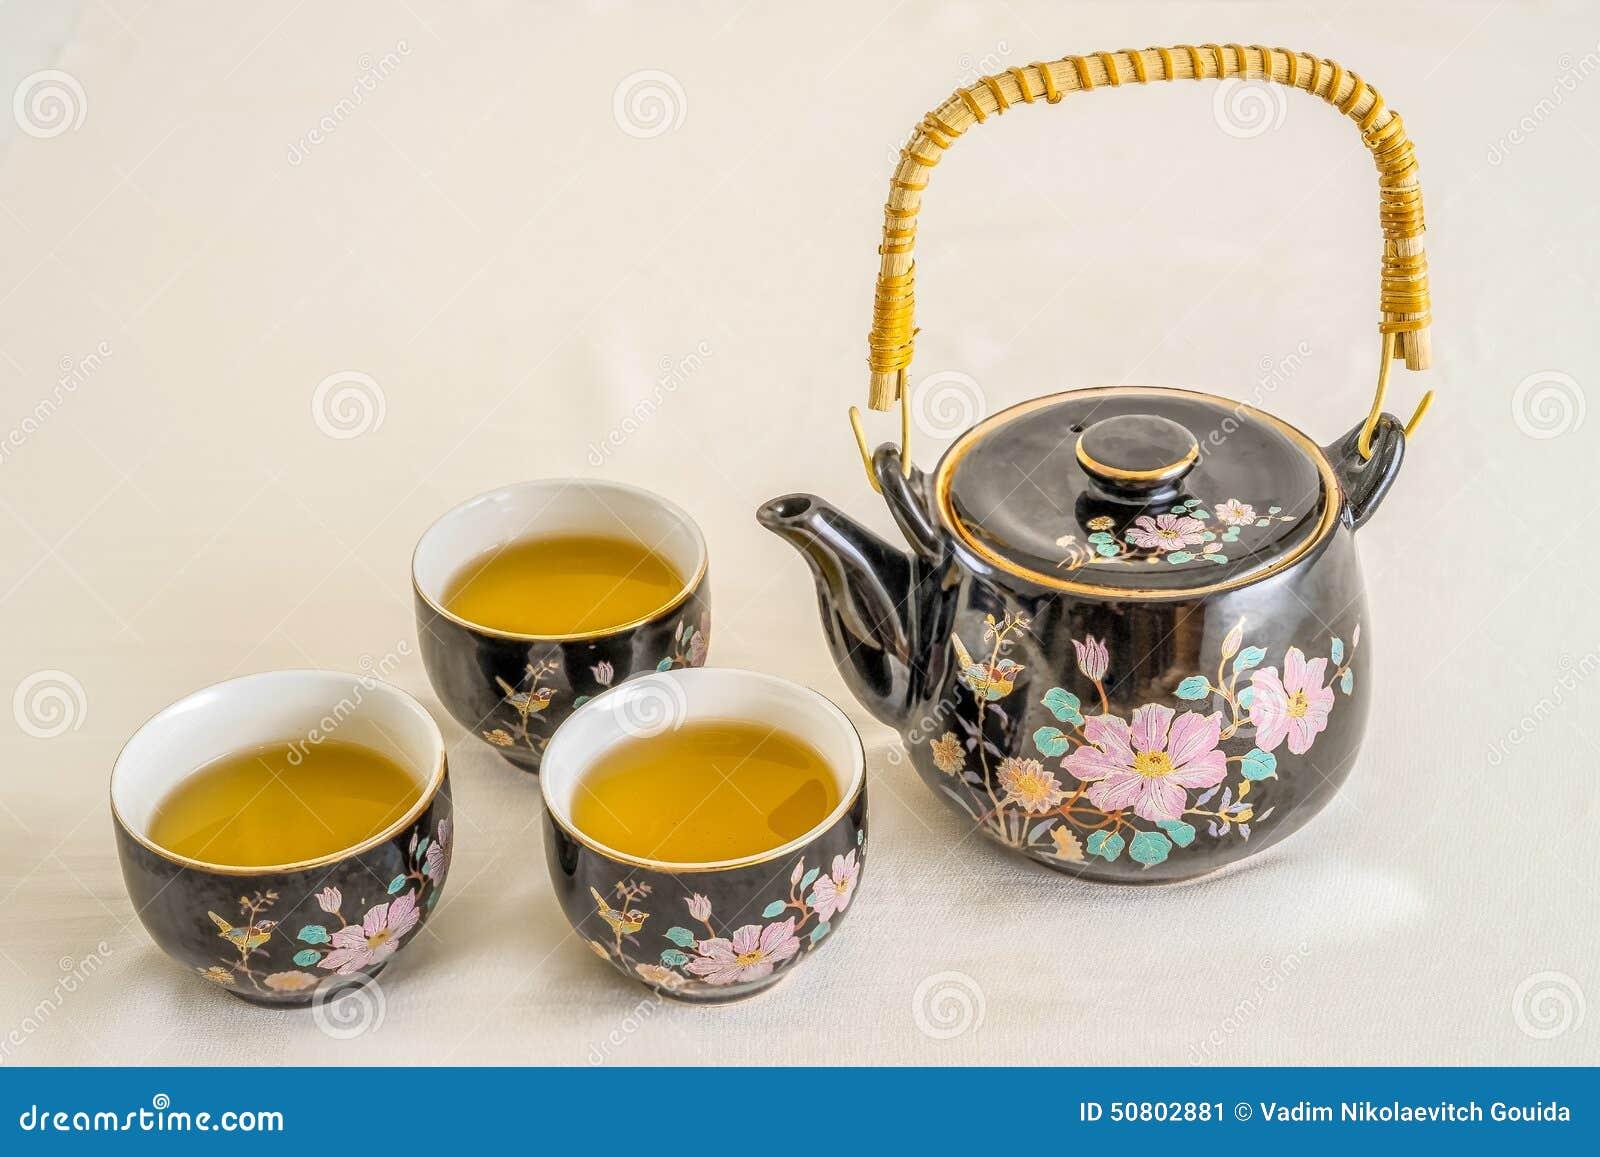 茶壶和茶杯图片